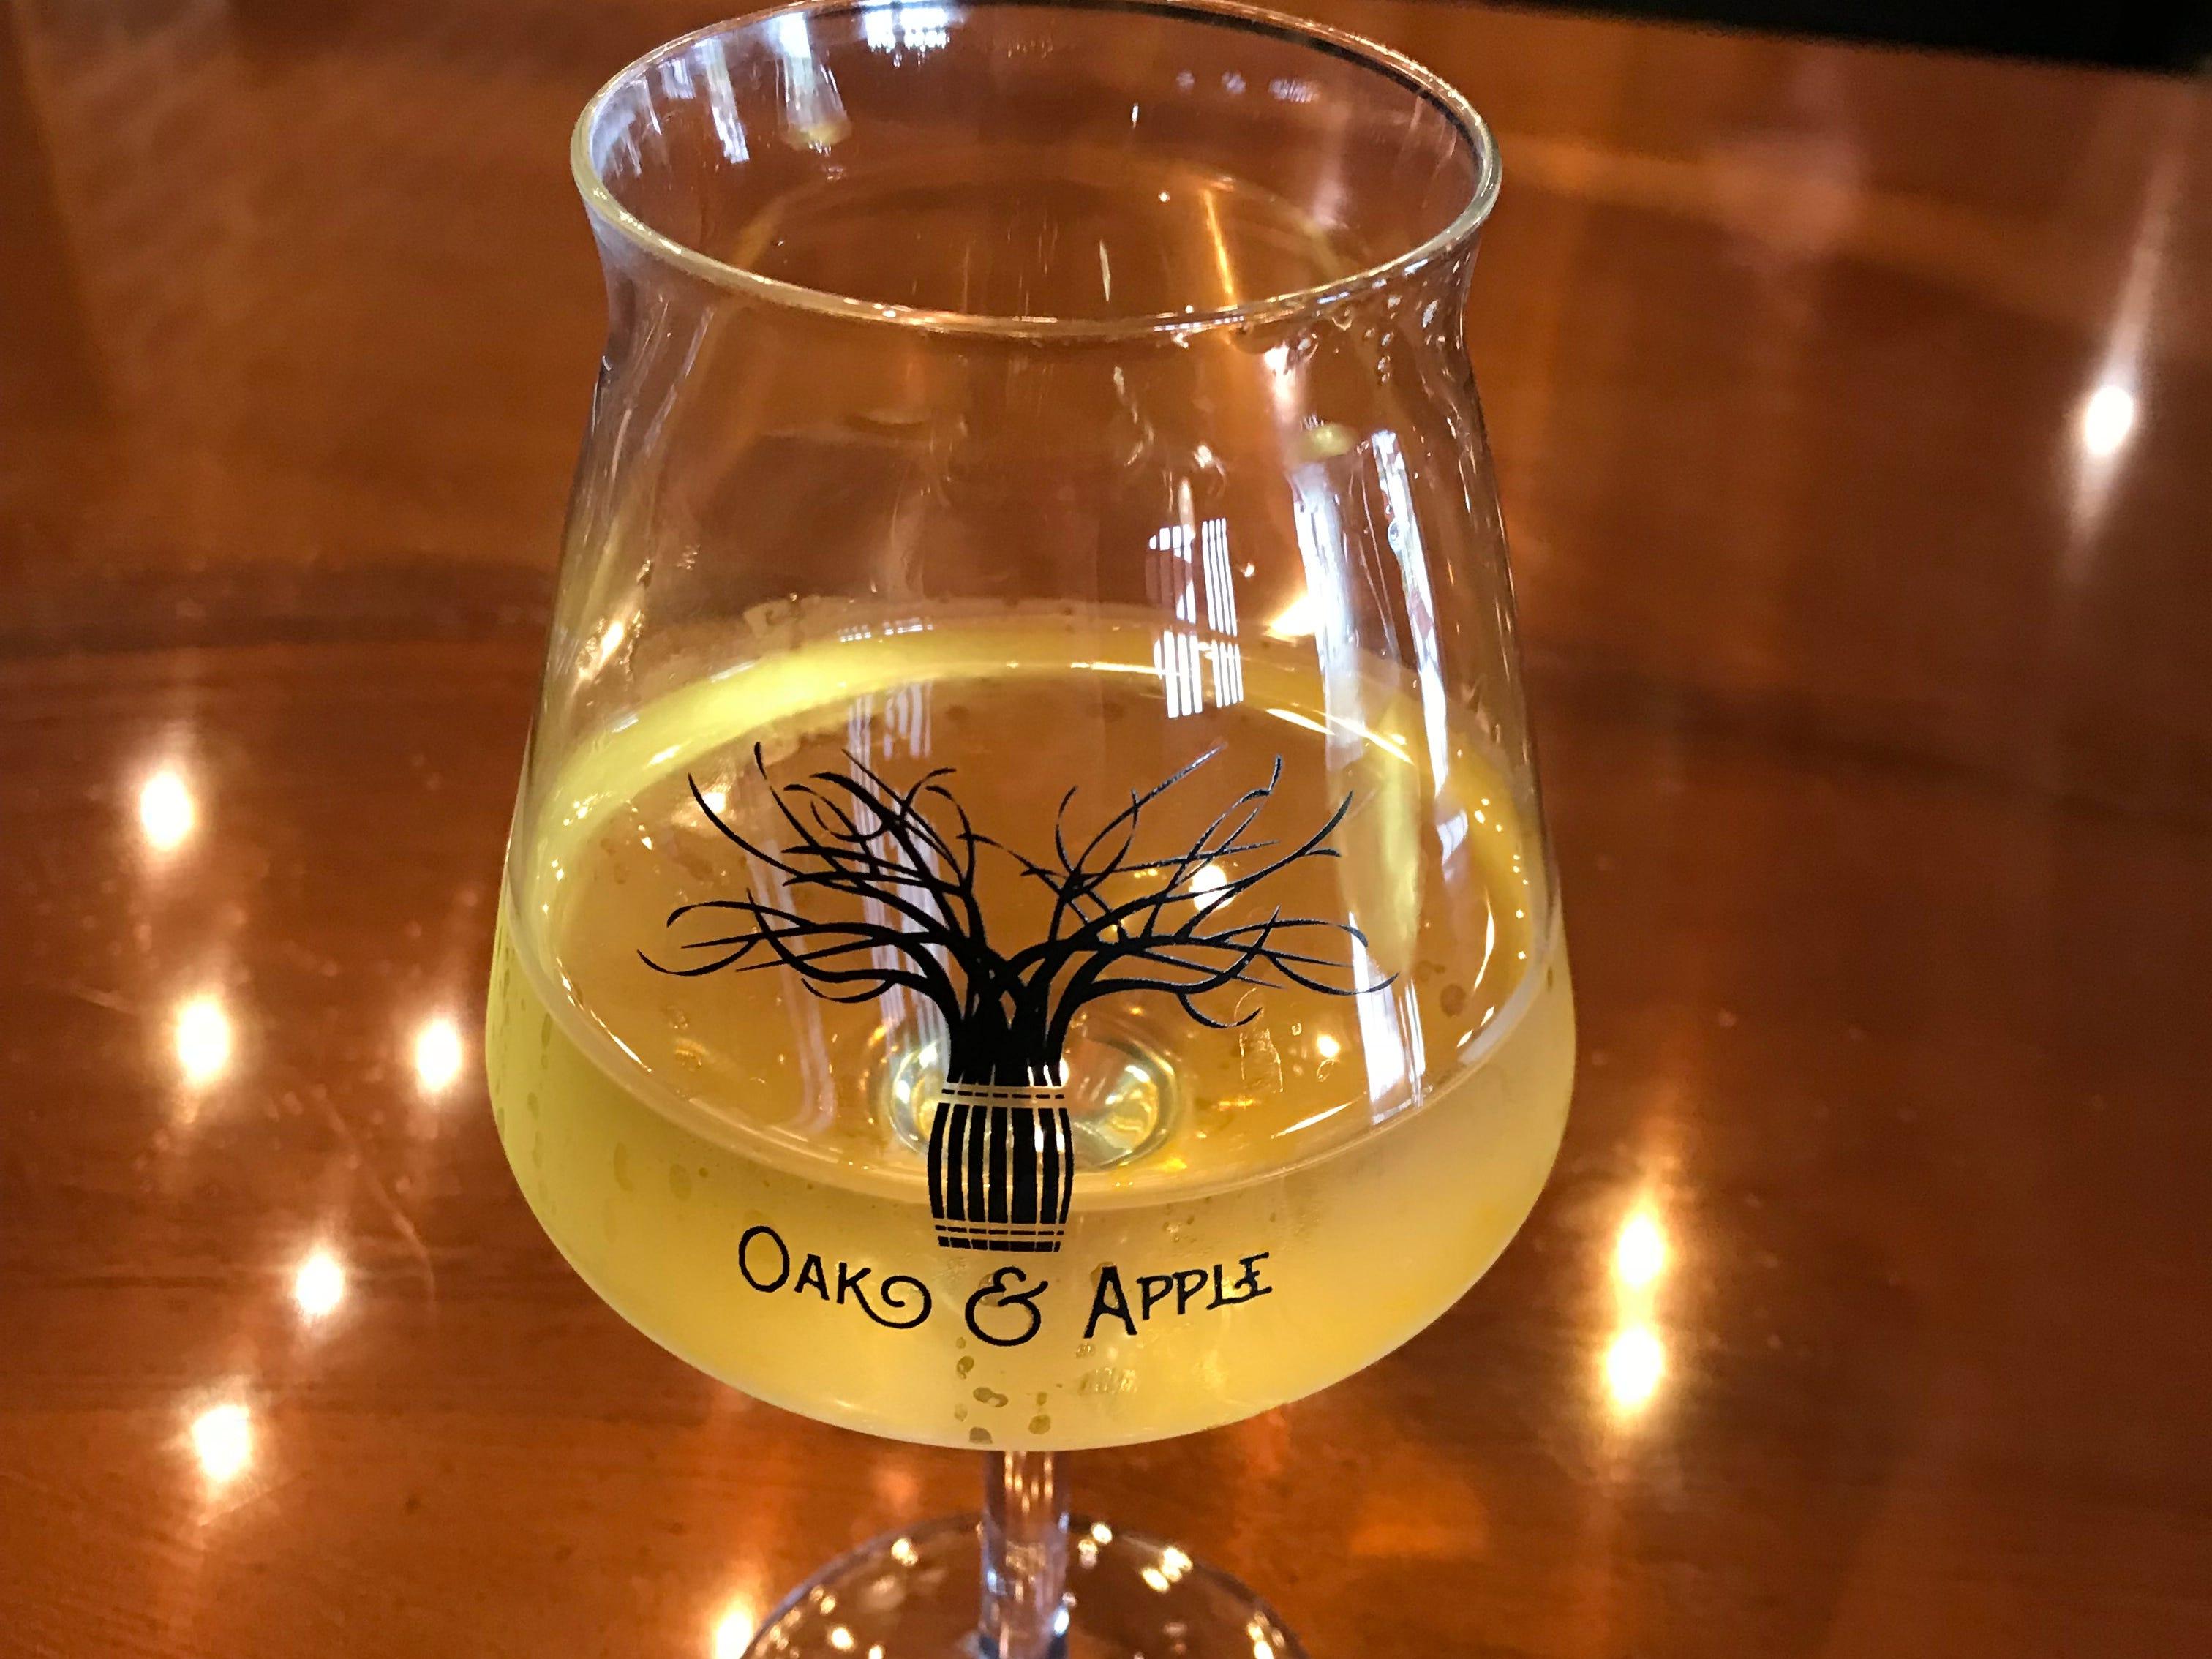 Oak & Apple Cidery's Core semi-dry cider.